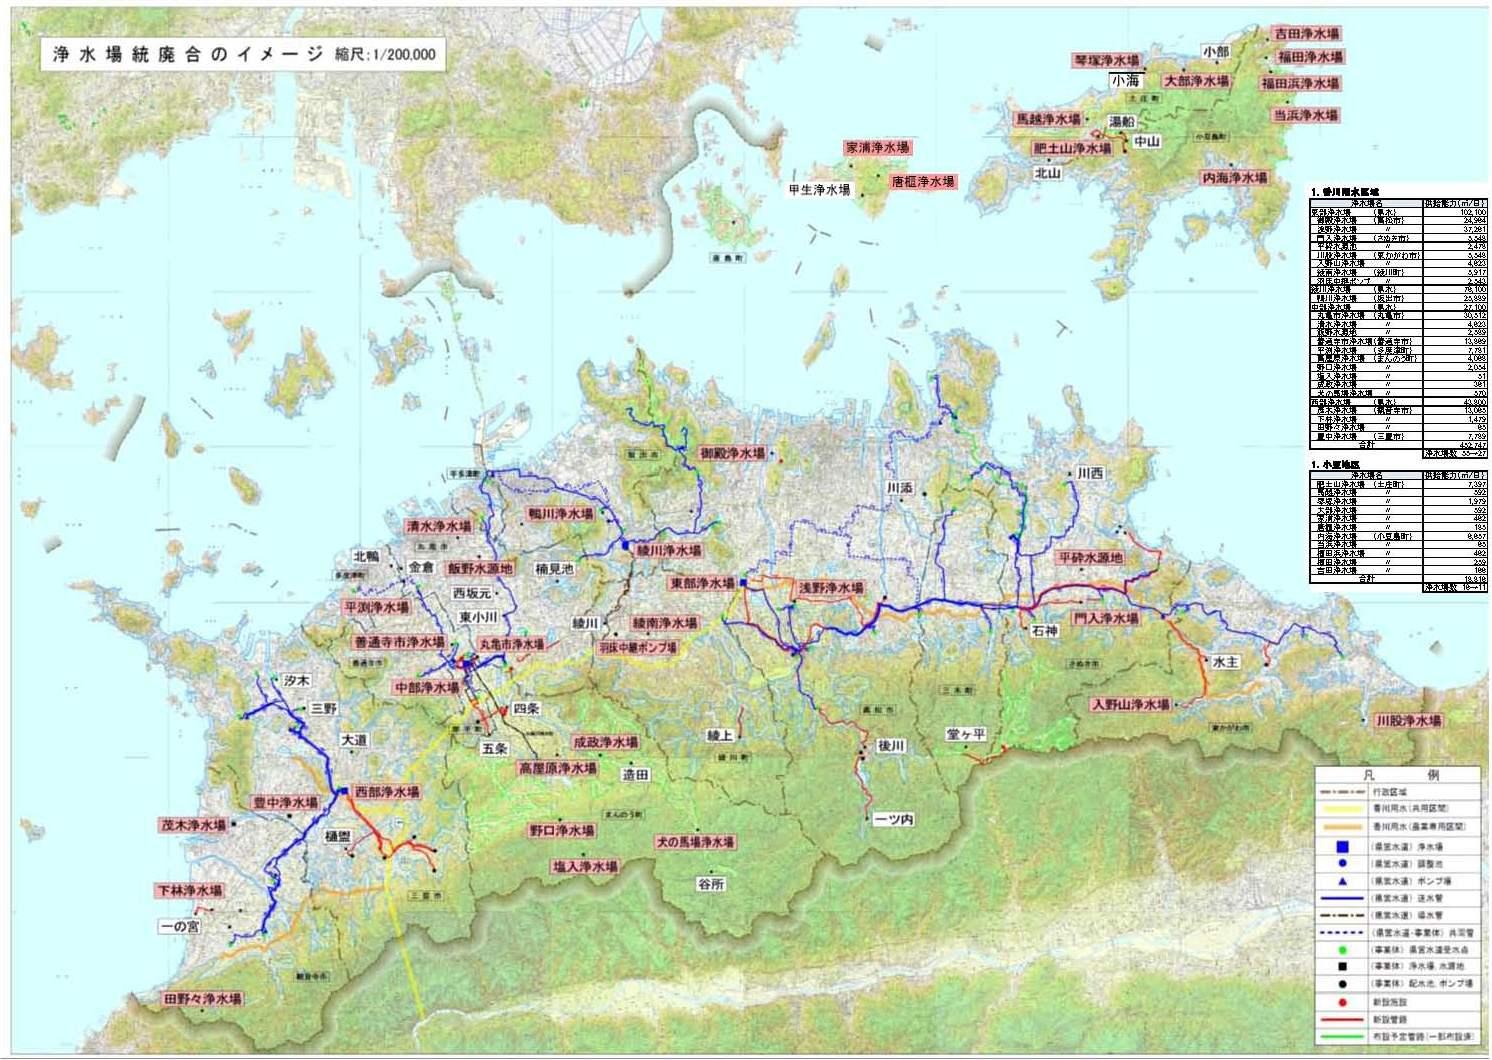 「香川県広域水道施設整備計画概要図(案)」浄水場統合のイメージより転載